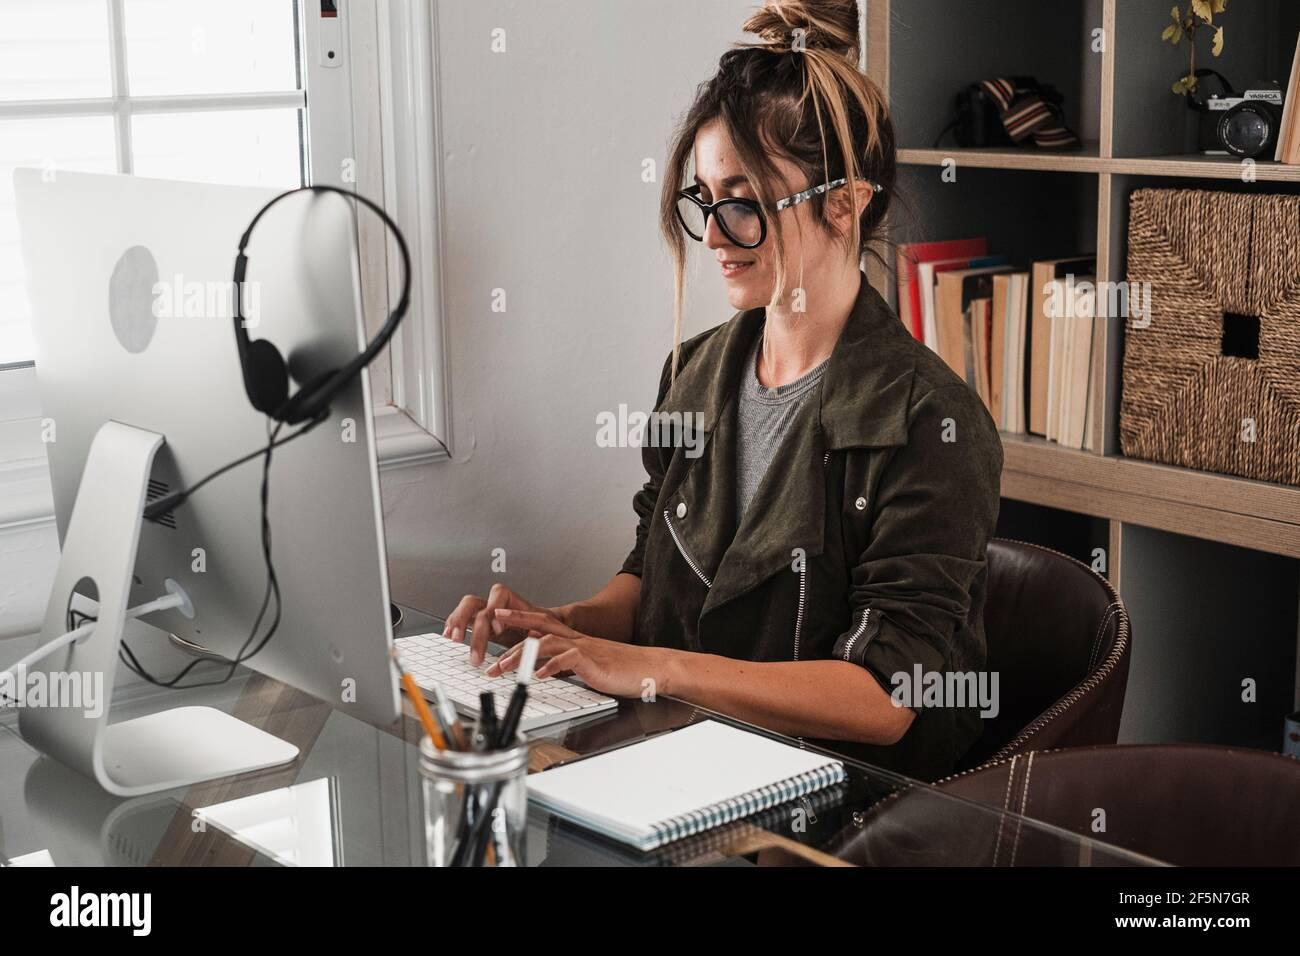 Une jeune femme d'affaires écrit sur un ordinateur portable à la maison dans l'intelligence travail de bureau travail activité de travail - concept de style de vie des travailleurs à distance avec une jolie pe femelle Banque D'Images